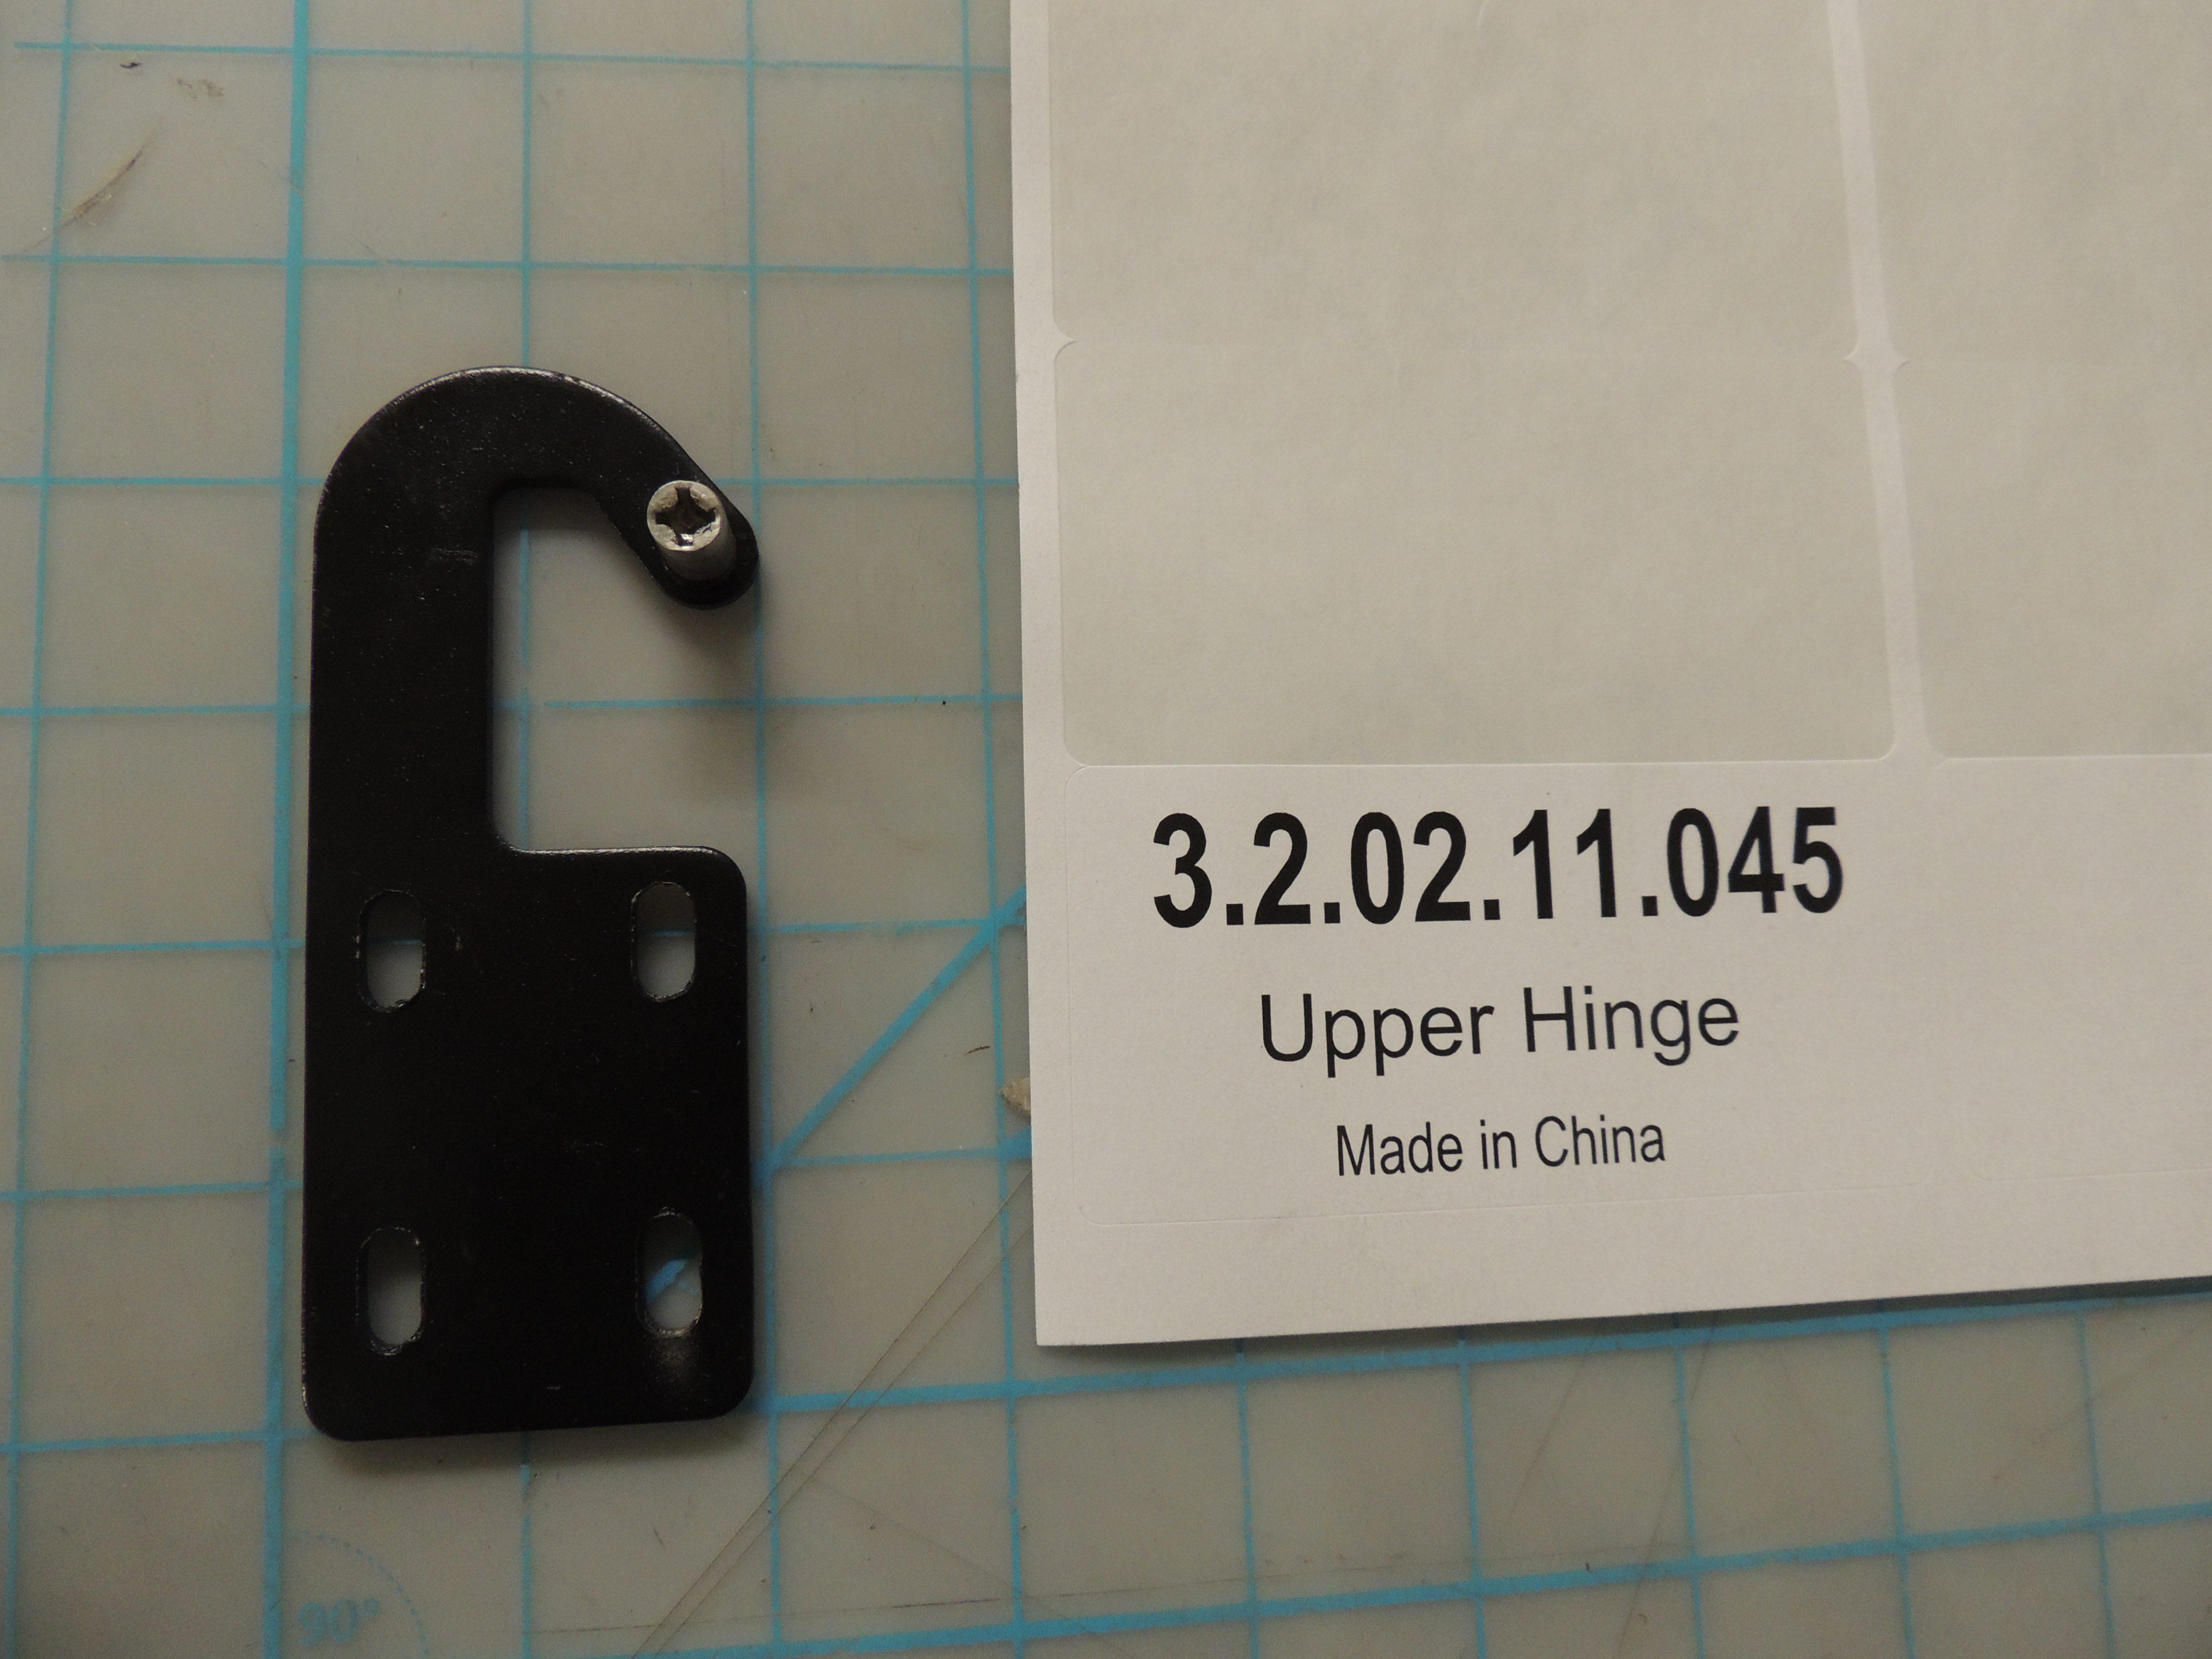 Upper Hinge